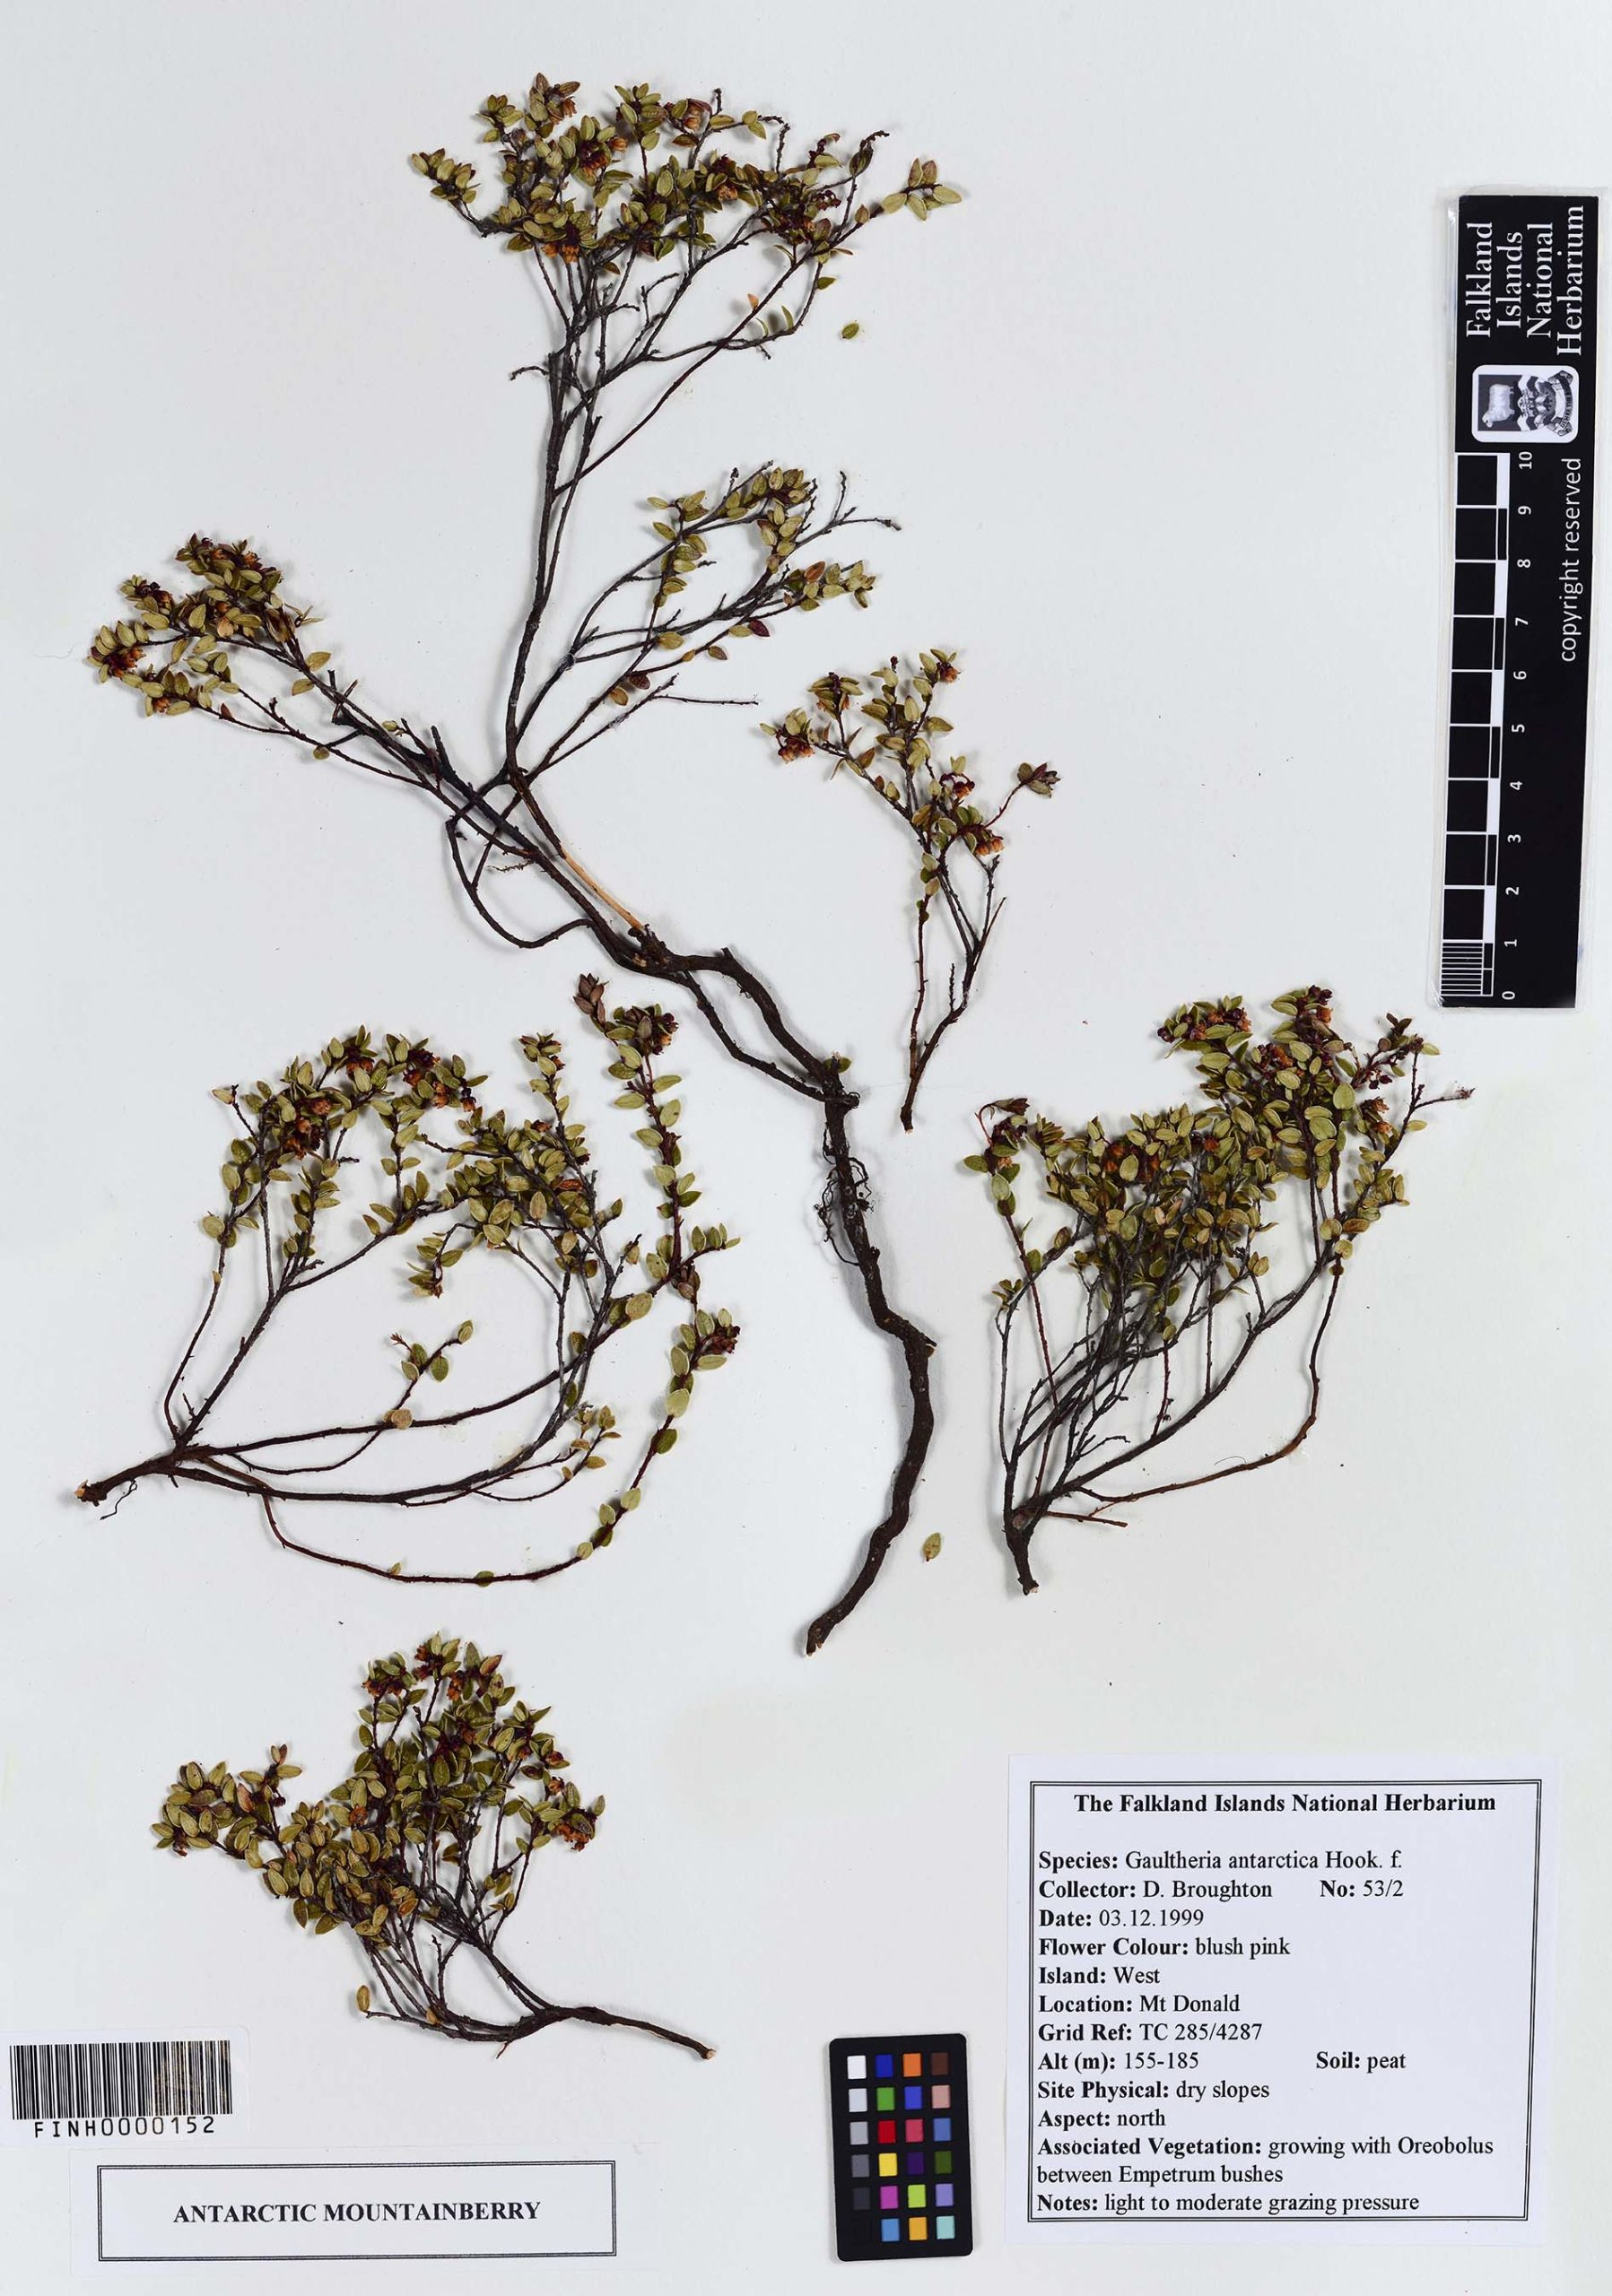 Gaultheria antarctica